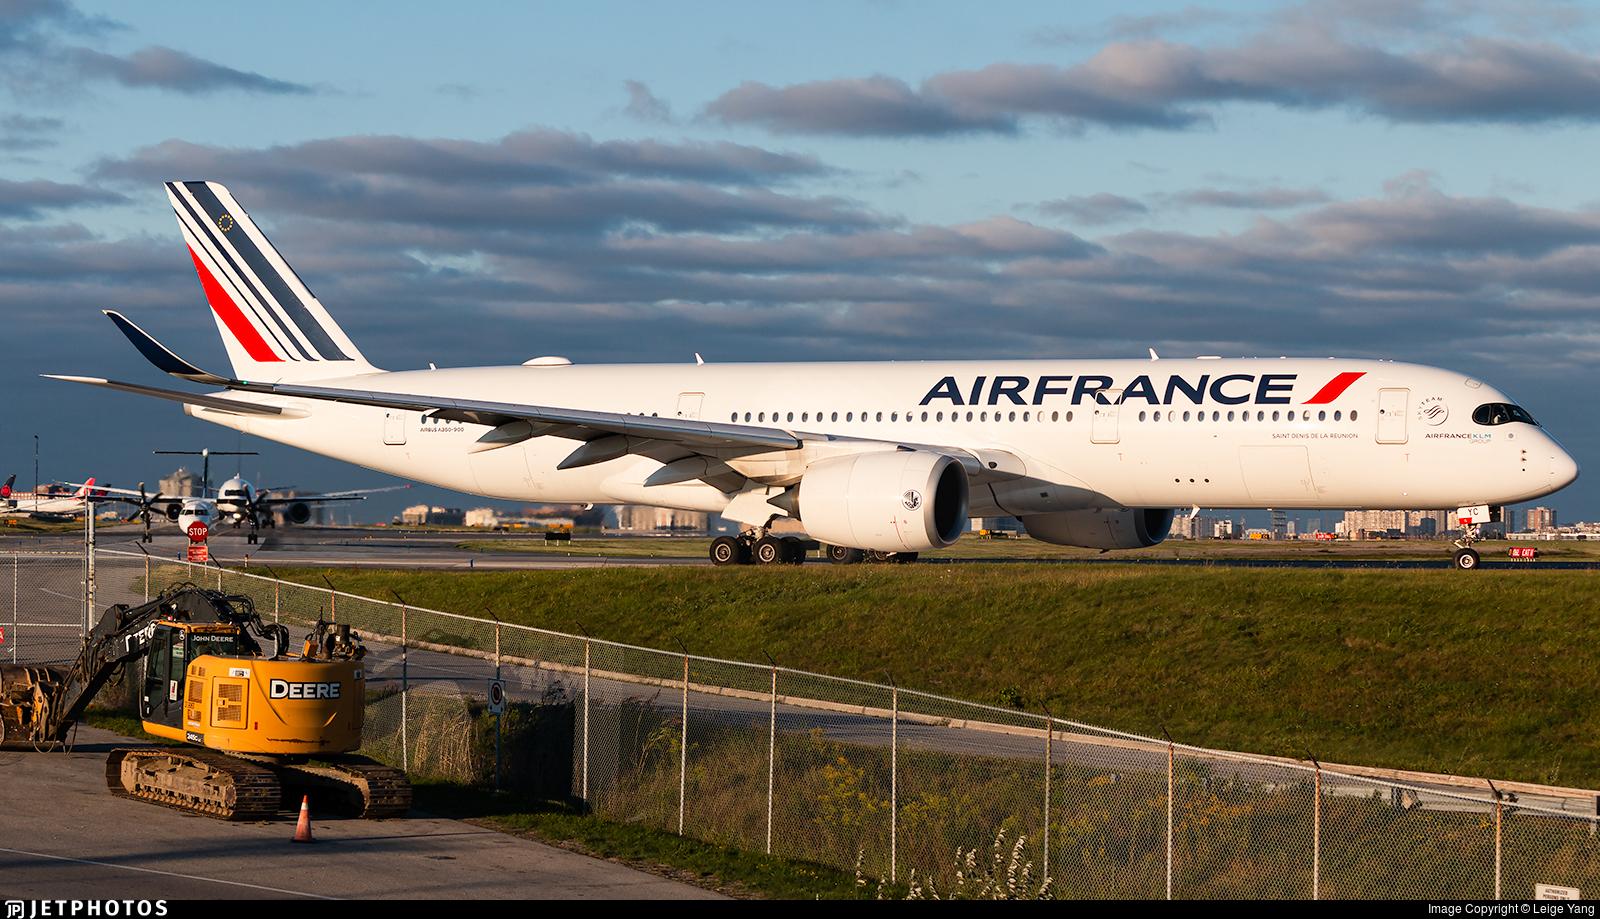 F-HTYC - Airbus A350-941 - Air France